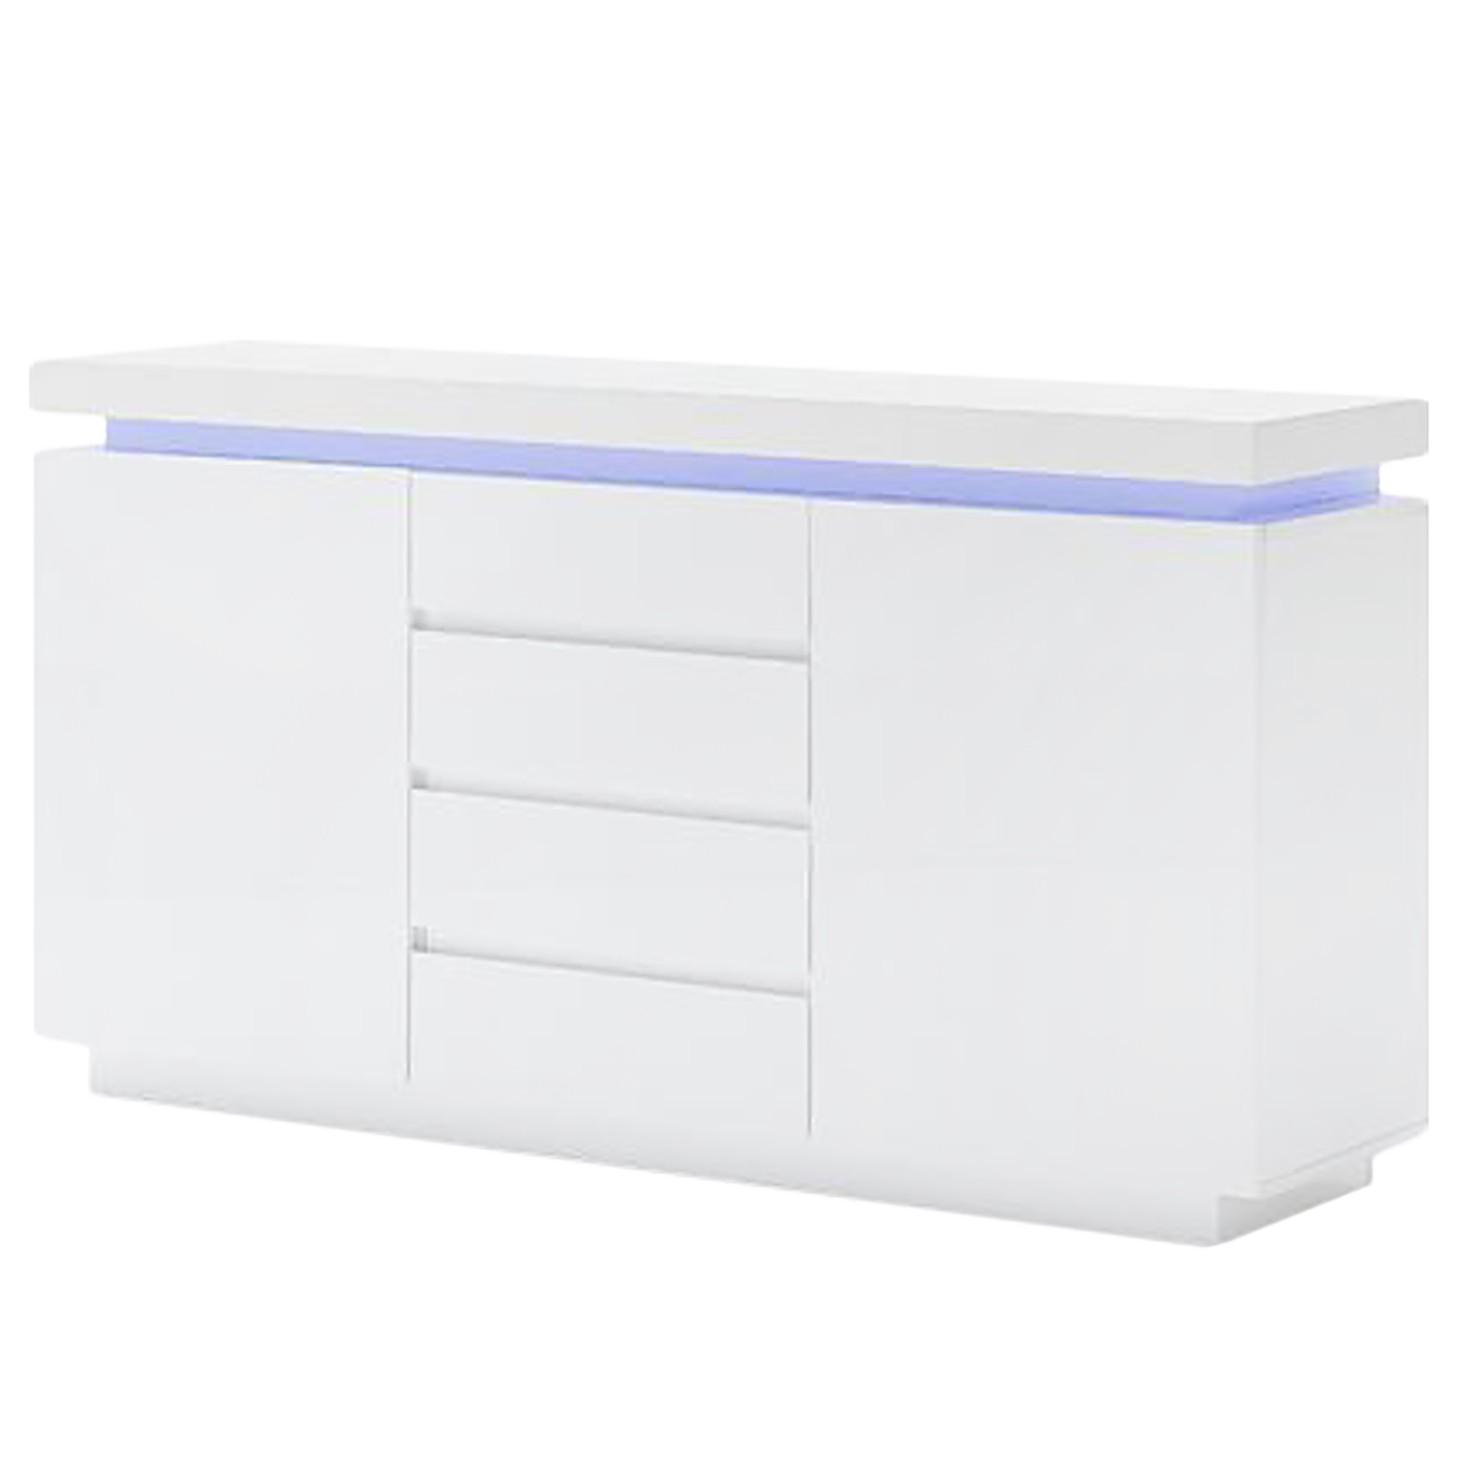 home24 Fredriks Sideboard Emblaze VII Hochglanz weiß MDF 150x81x40 cm (BxHxT) Modern mit Beleuchtung